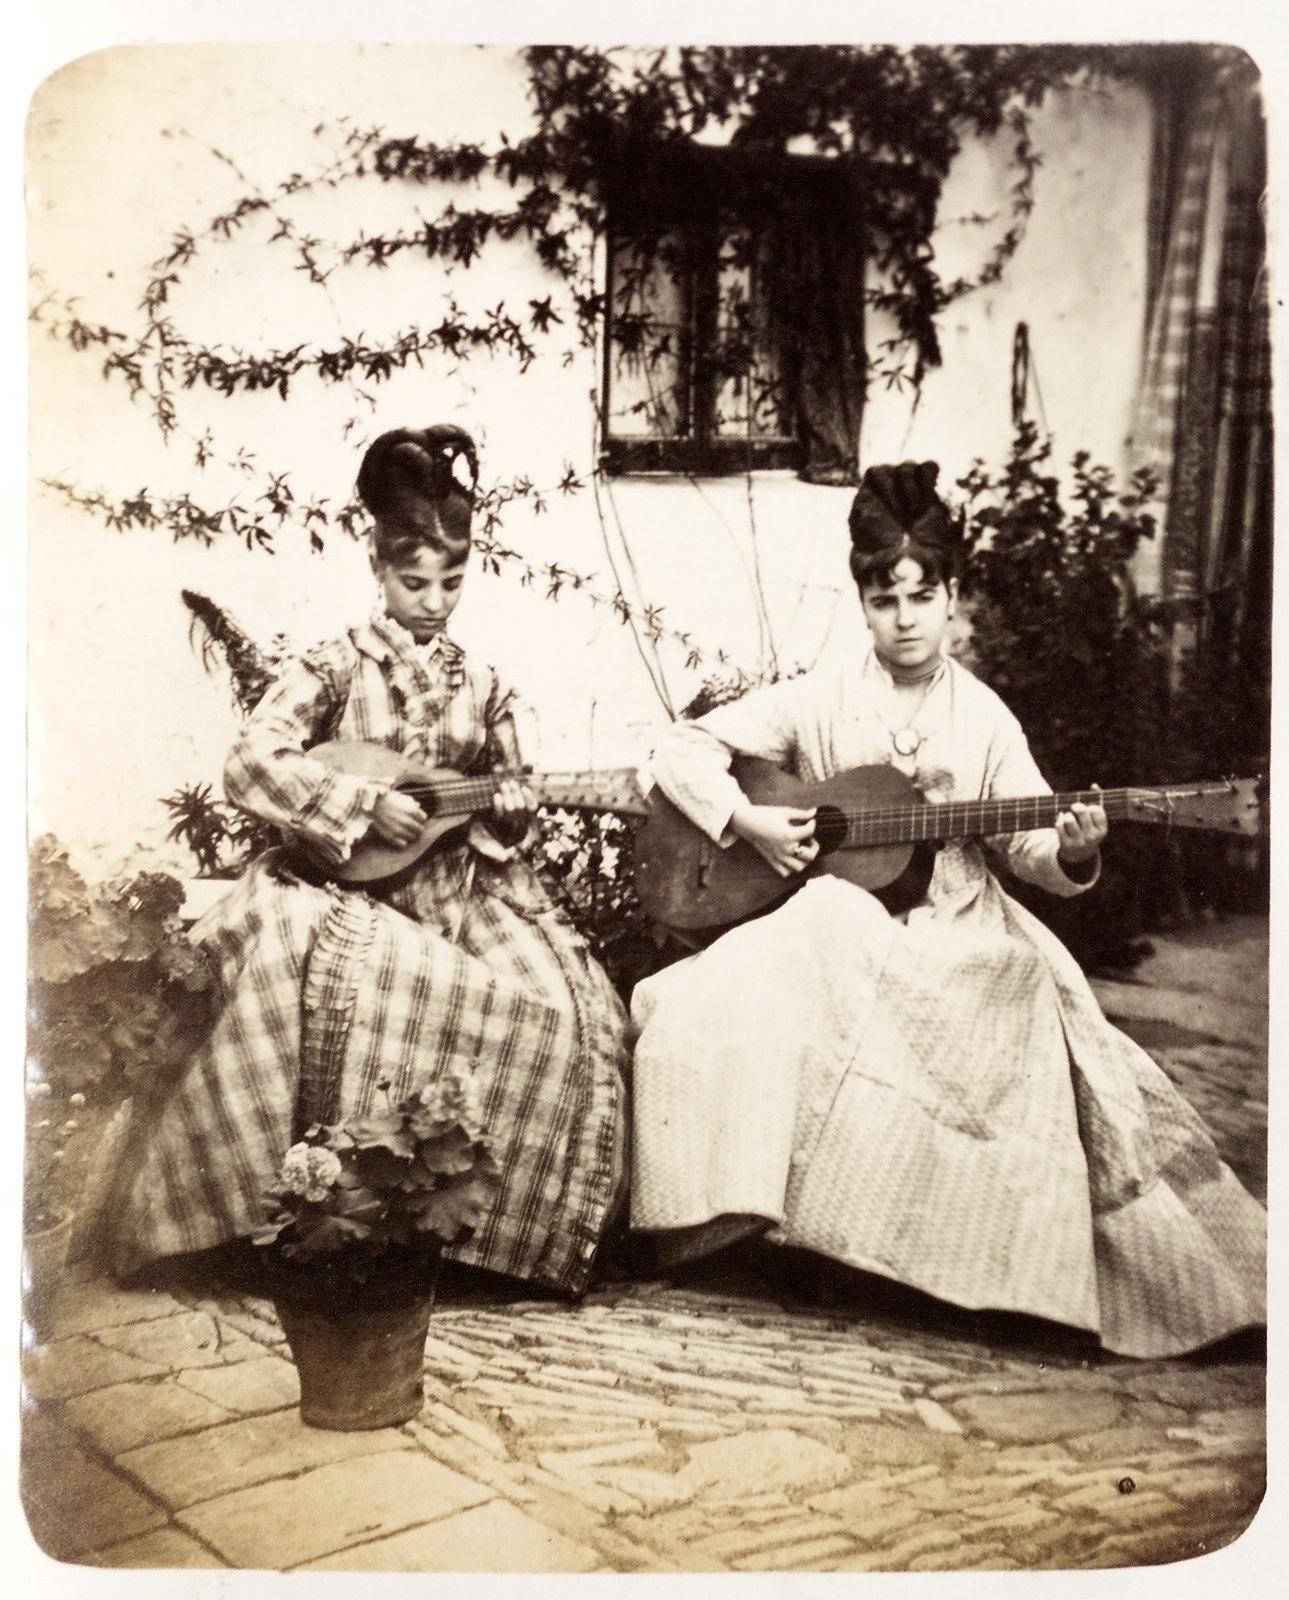 Jóvenes tocando el laúd y la guitarra en Toledo hacia 1879. Álbum de la National Gallery con fotos de Casiano Alguacil.